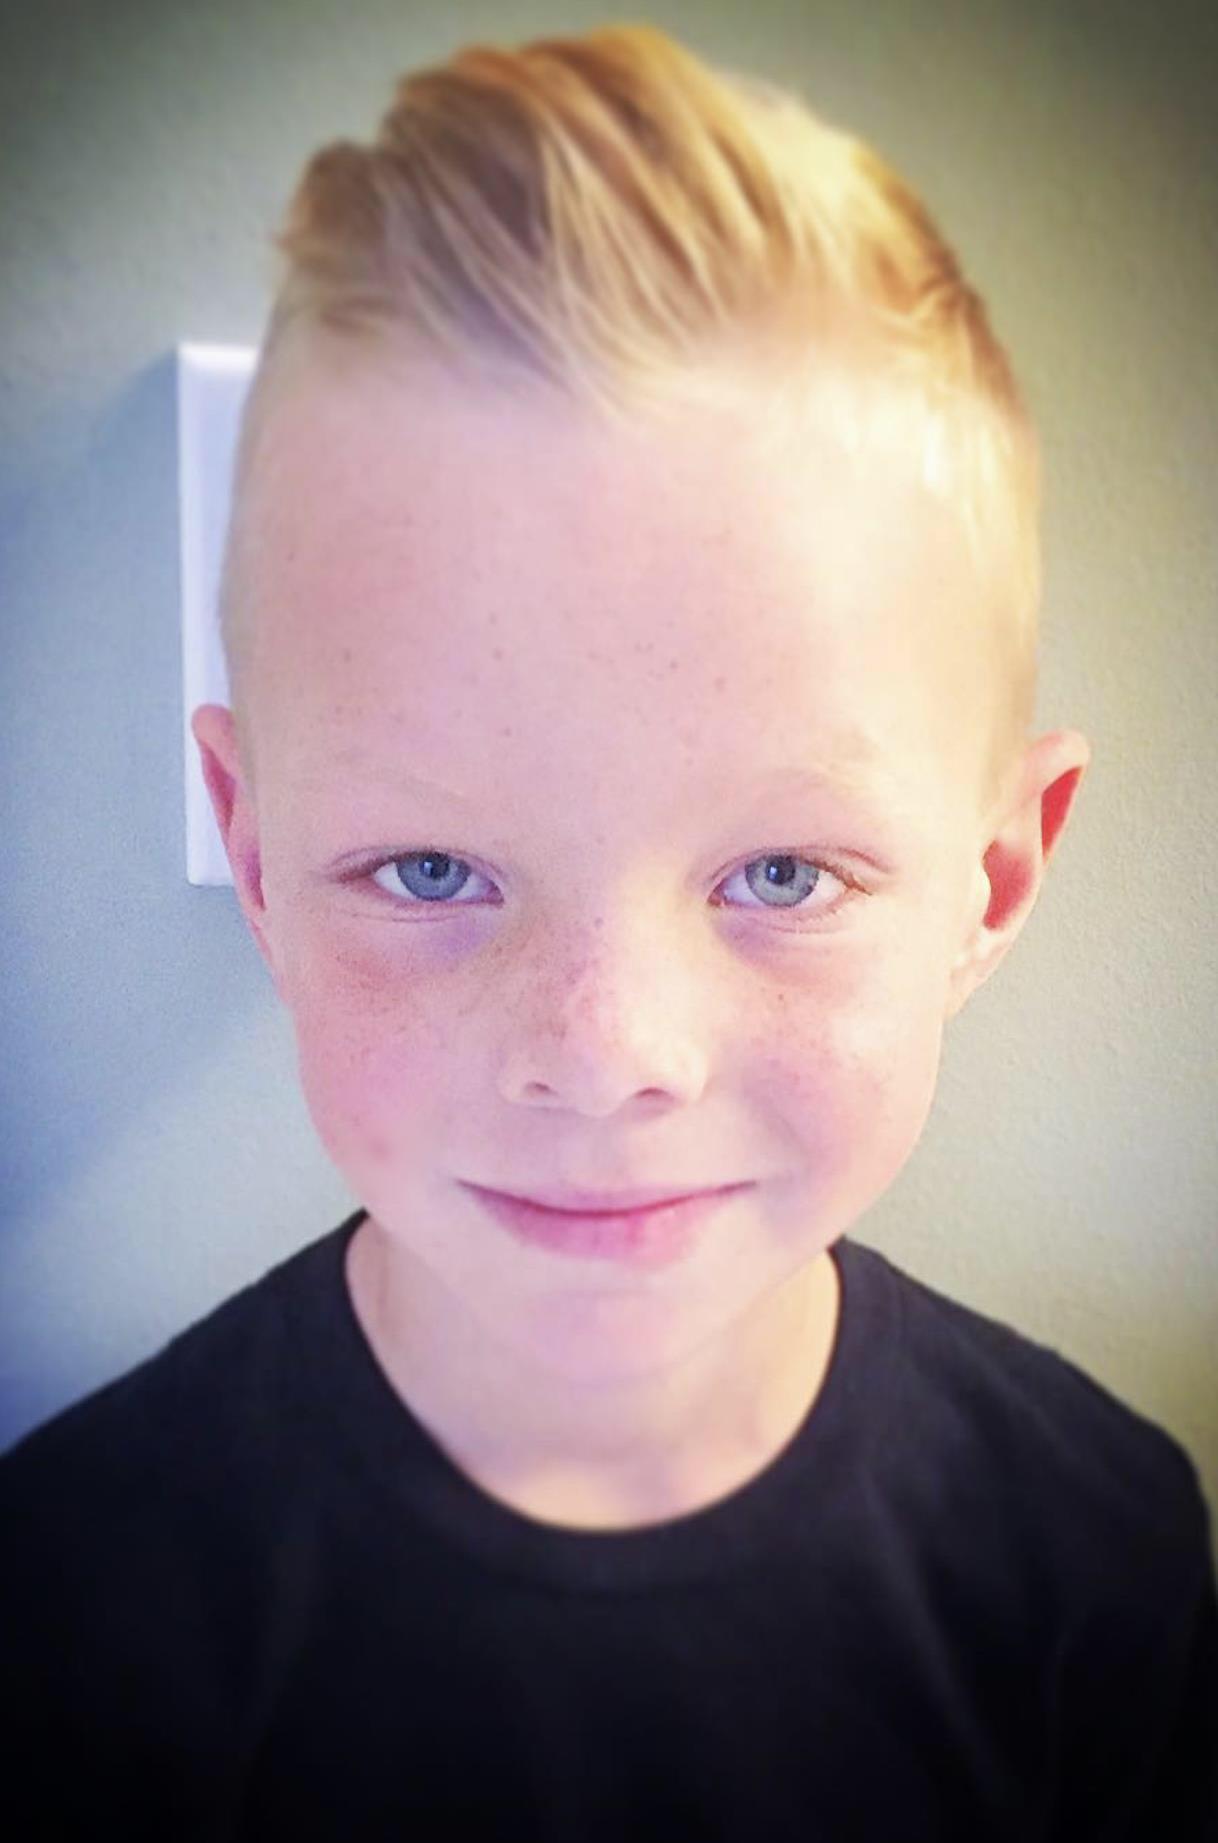 child (boy) haircut 9-12 $16 hair cut on 9 year old | hair